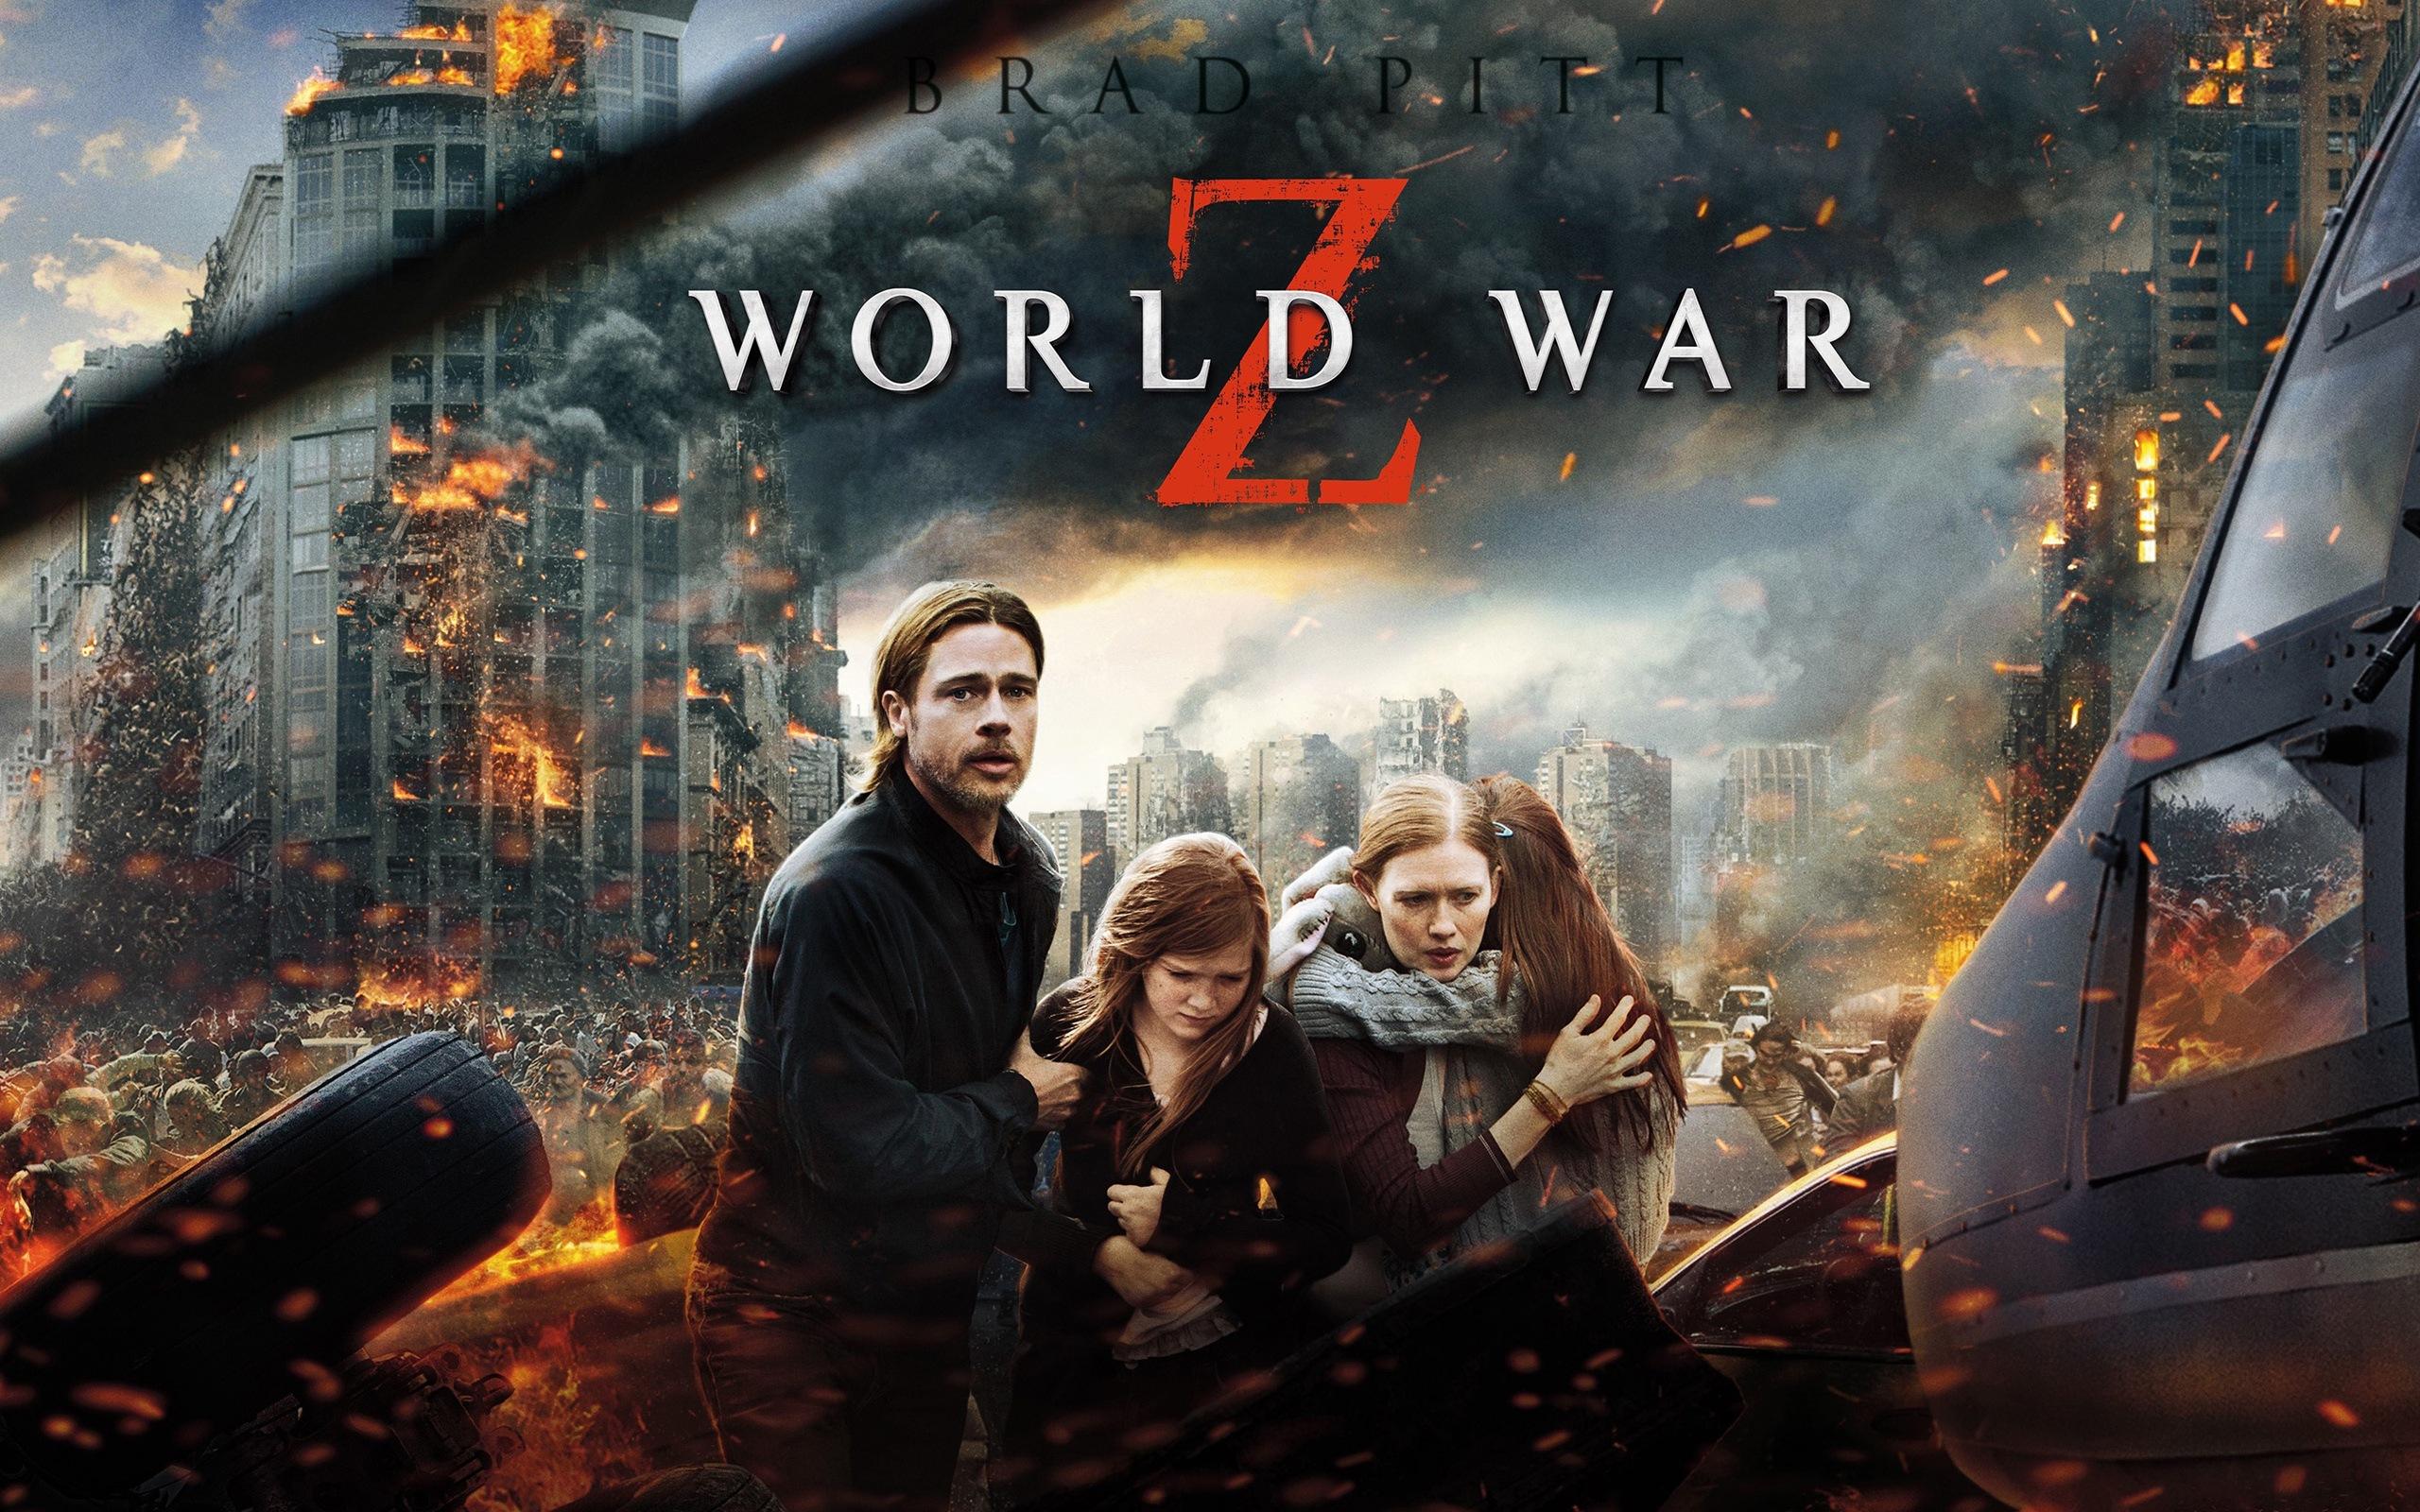 Военные фильмы  смотреть онлайн бесплатно и без